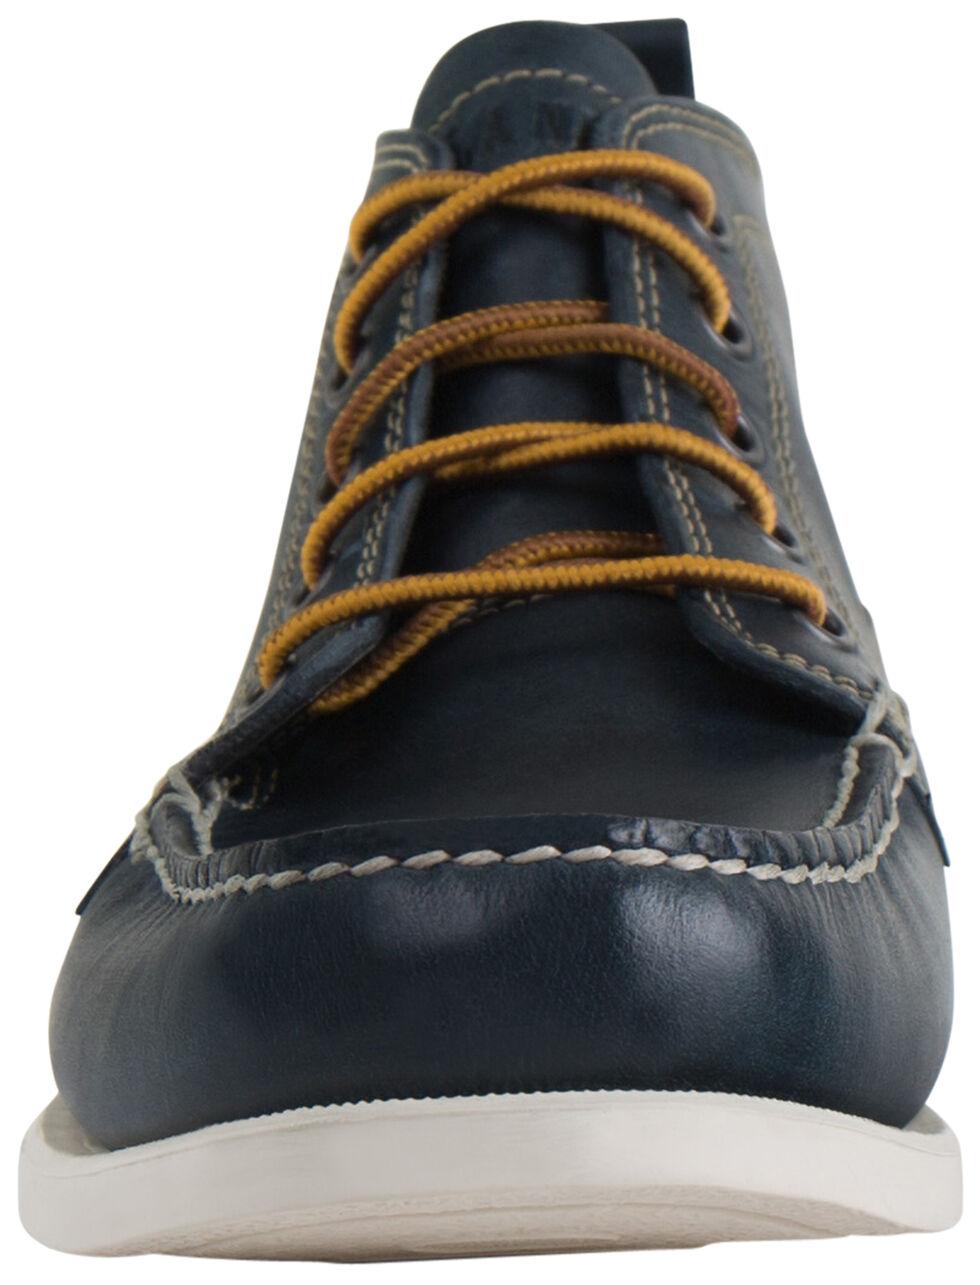 Eastland Men's Navy Seneca Camp Moc Chukka Boots, Navy, hi-res